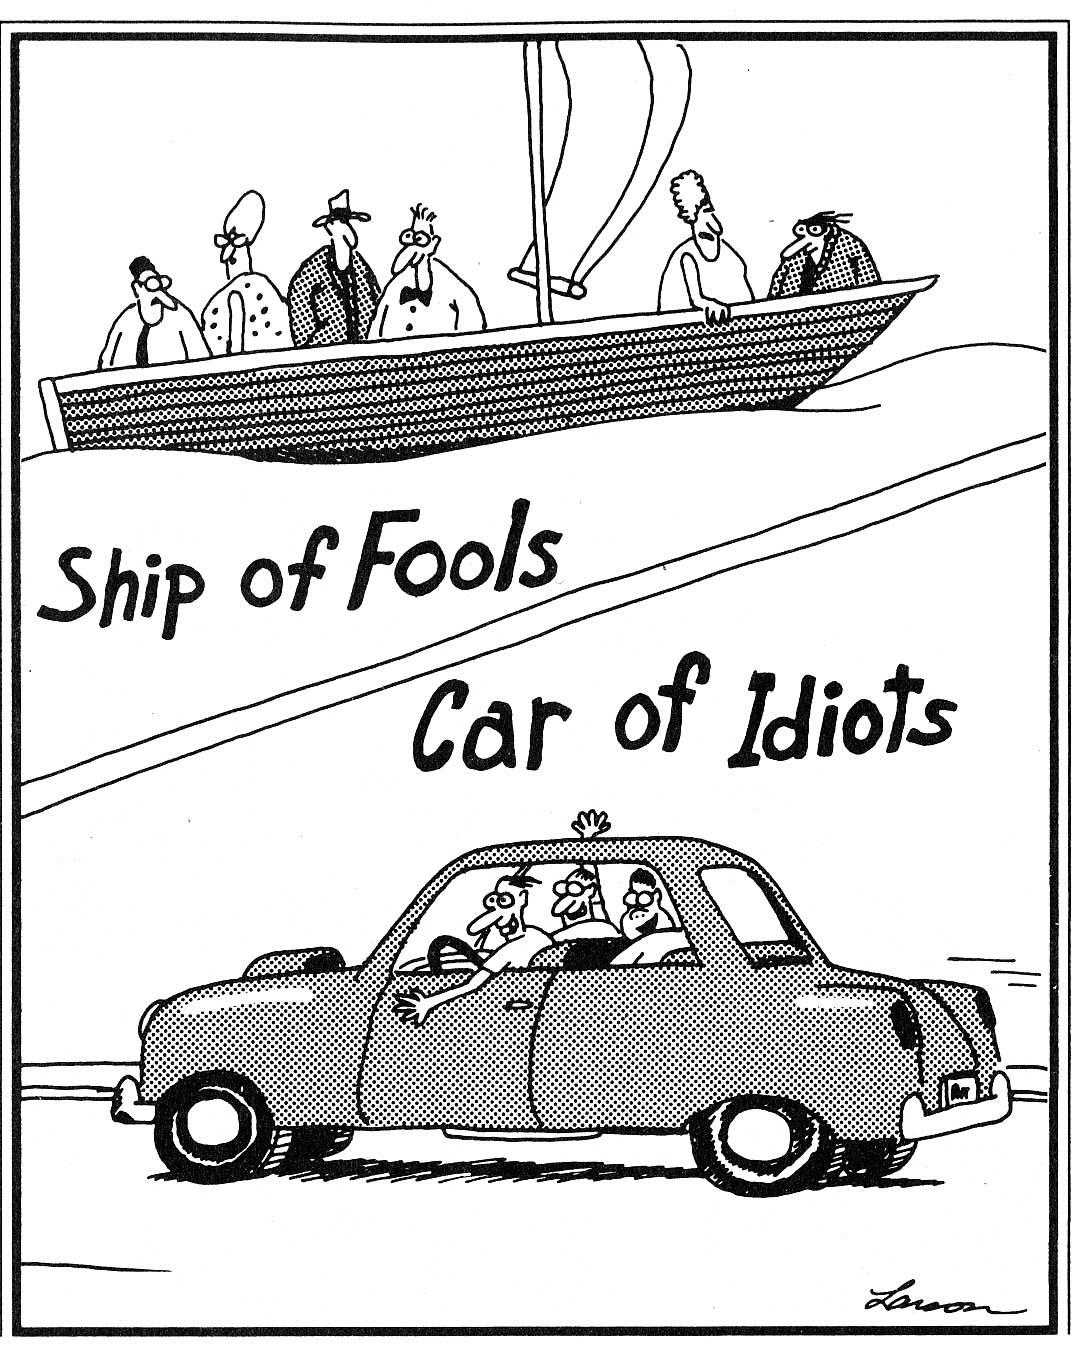 Ship of Fools/Car of Idiots